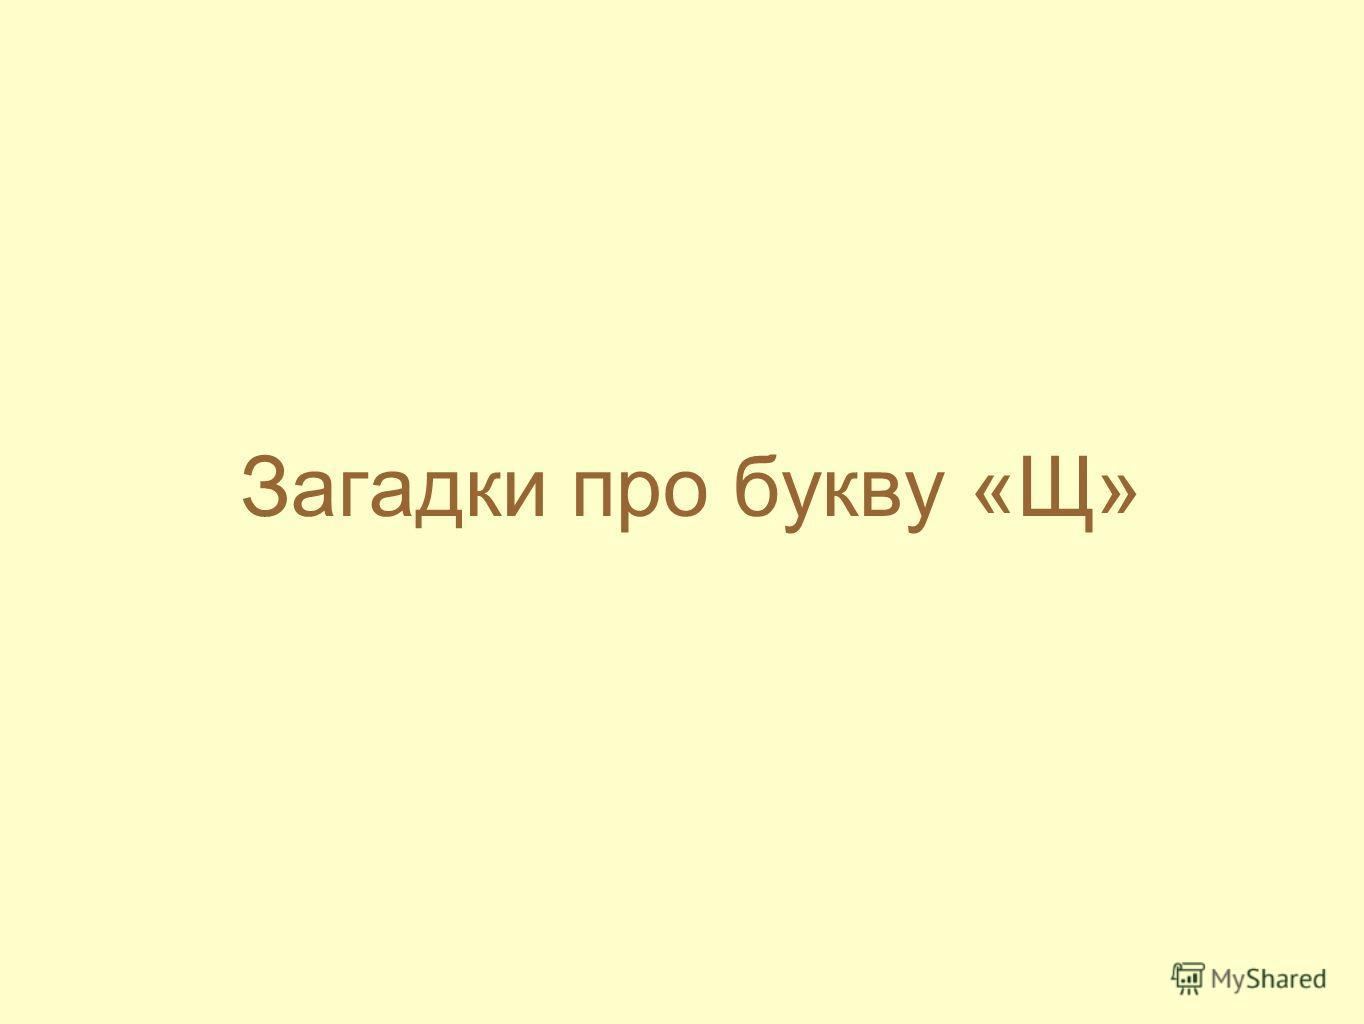 Загадки про букву «Щ»